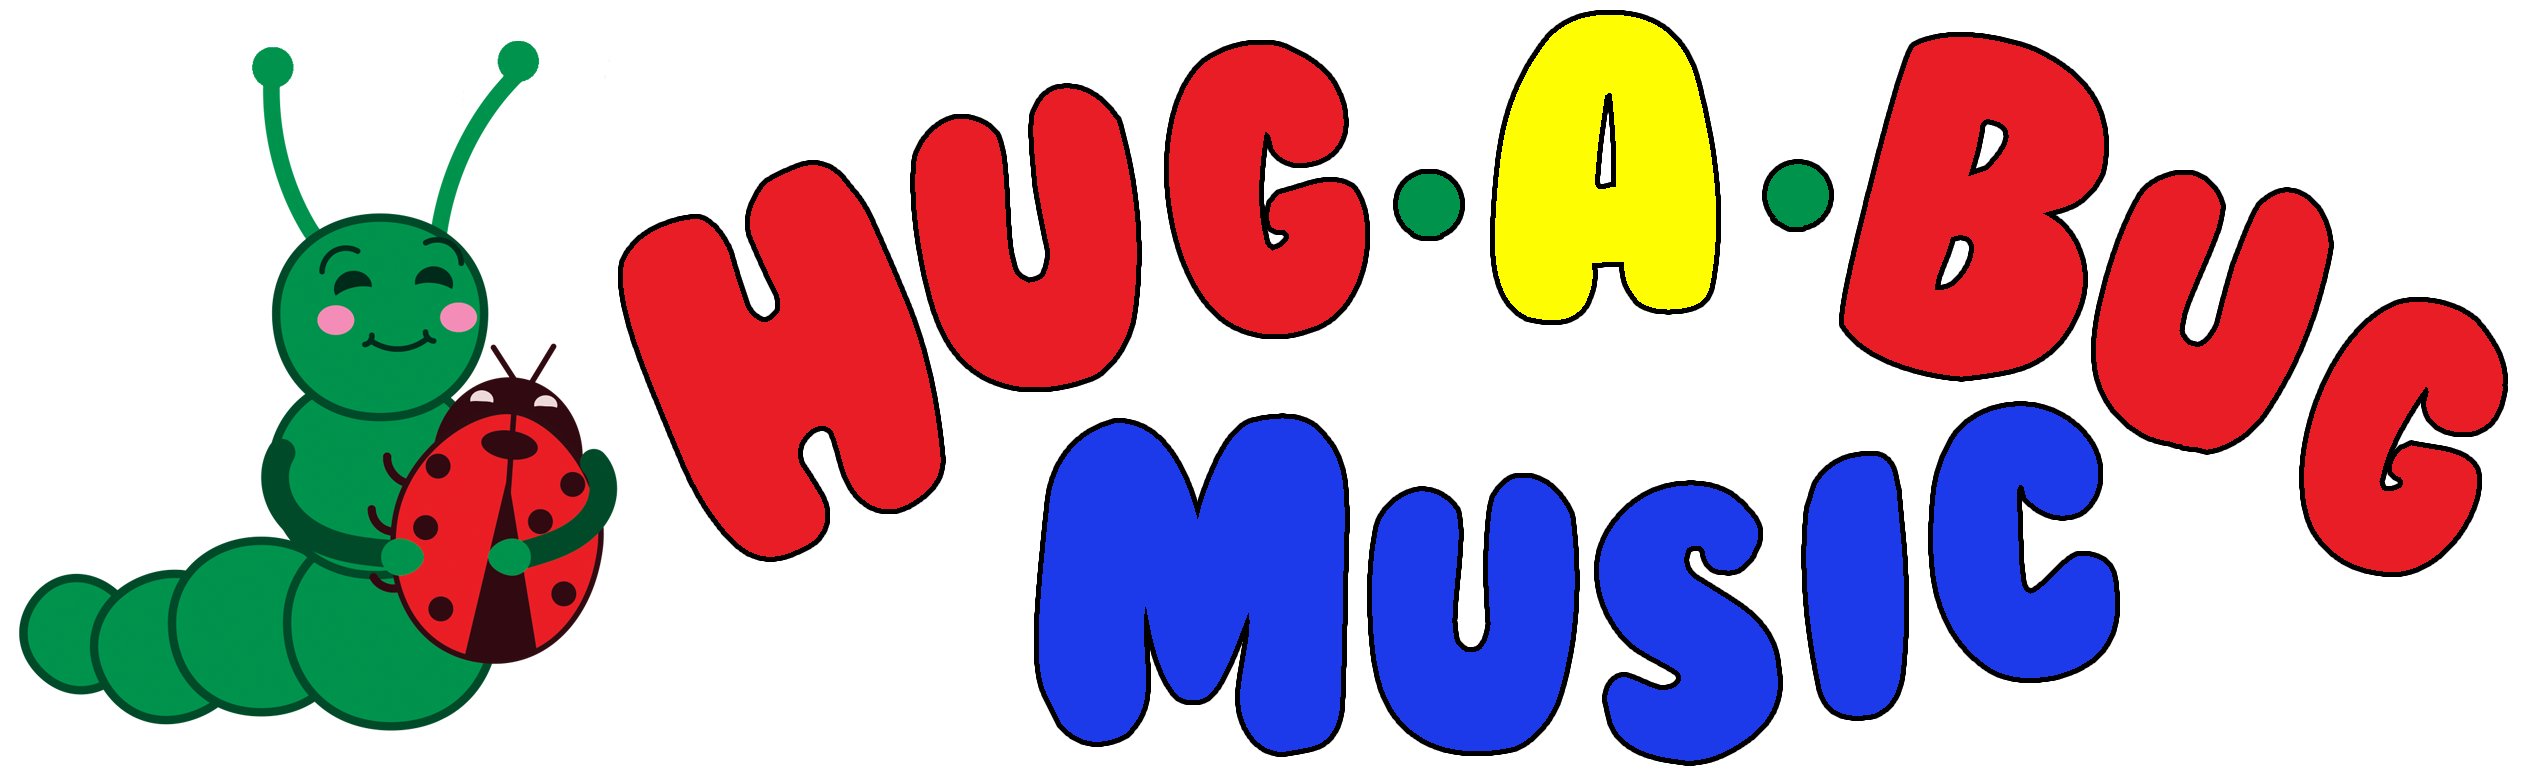 Hug clipart bug. A music